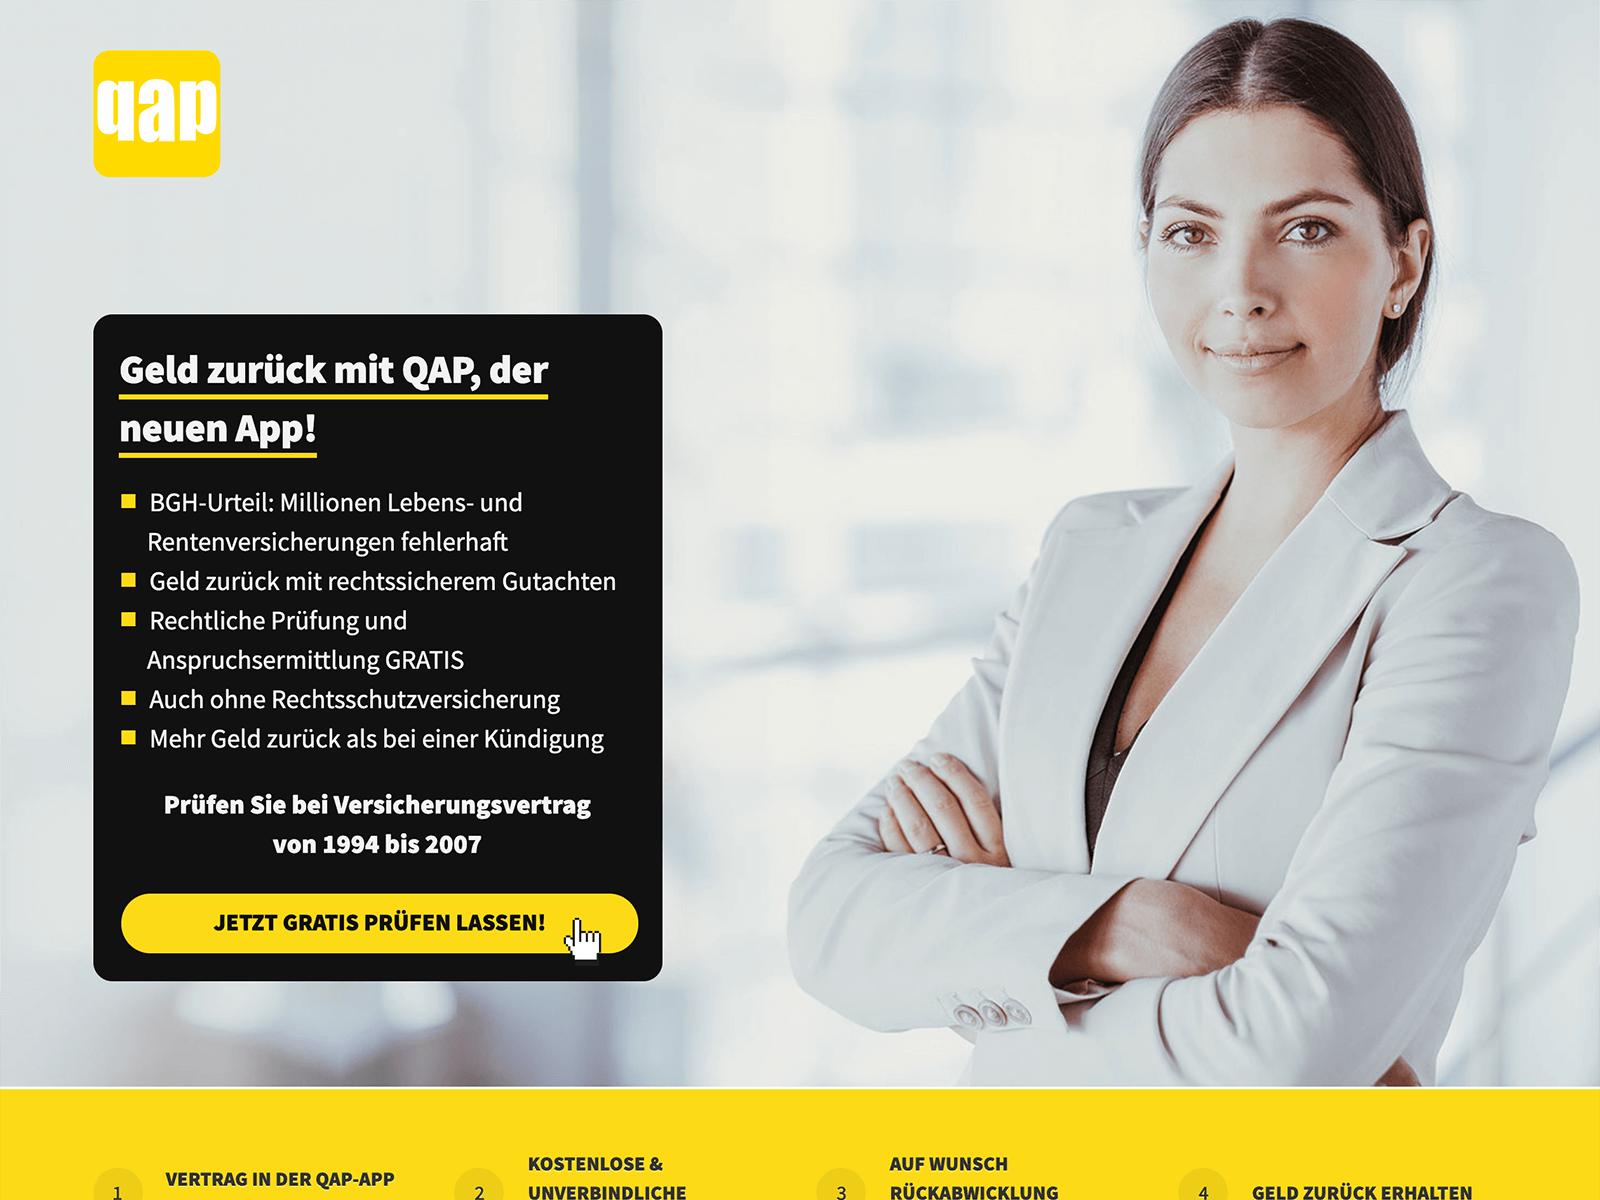 Web-App für Finanzprodukte - QAP die App